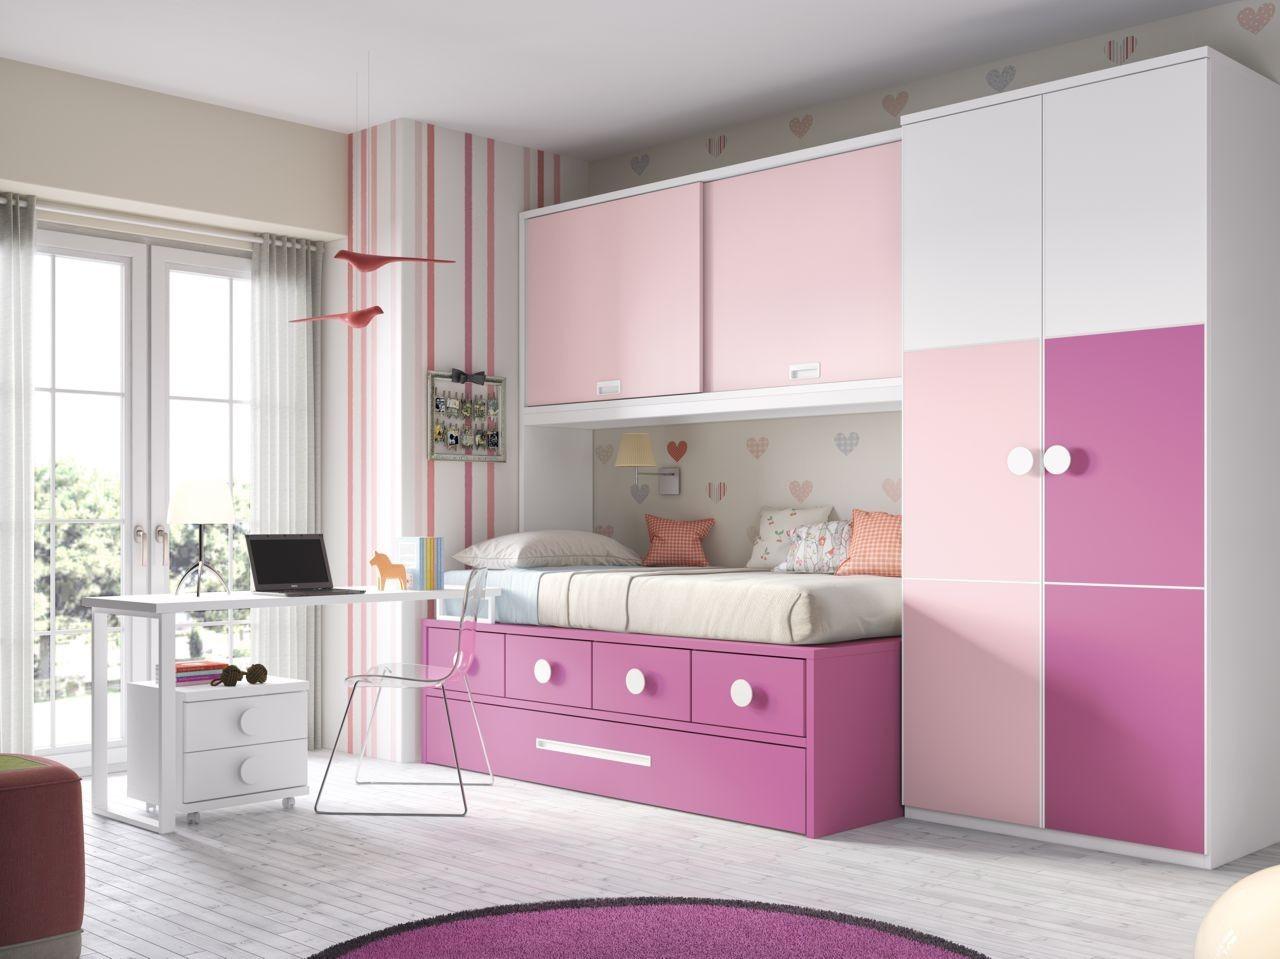 habitacin juvenil blanco fucsia y rosa con tirador